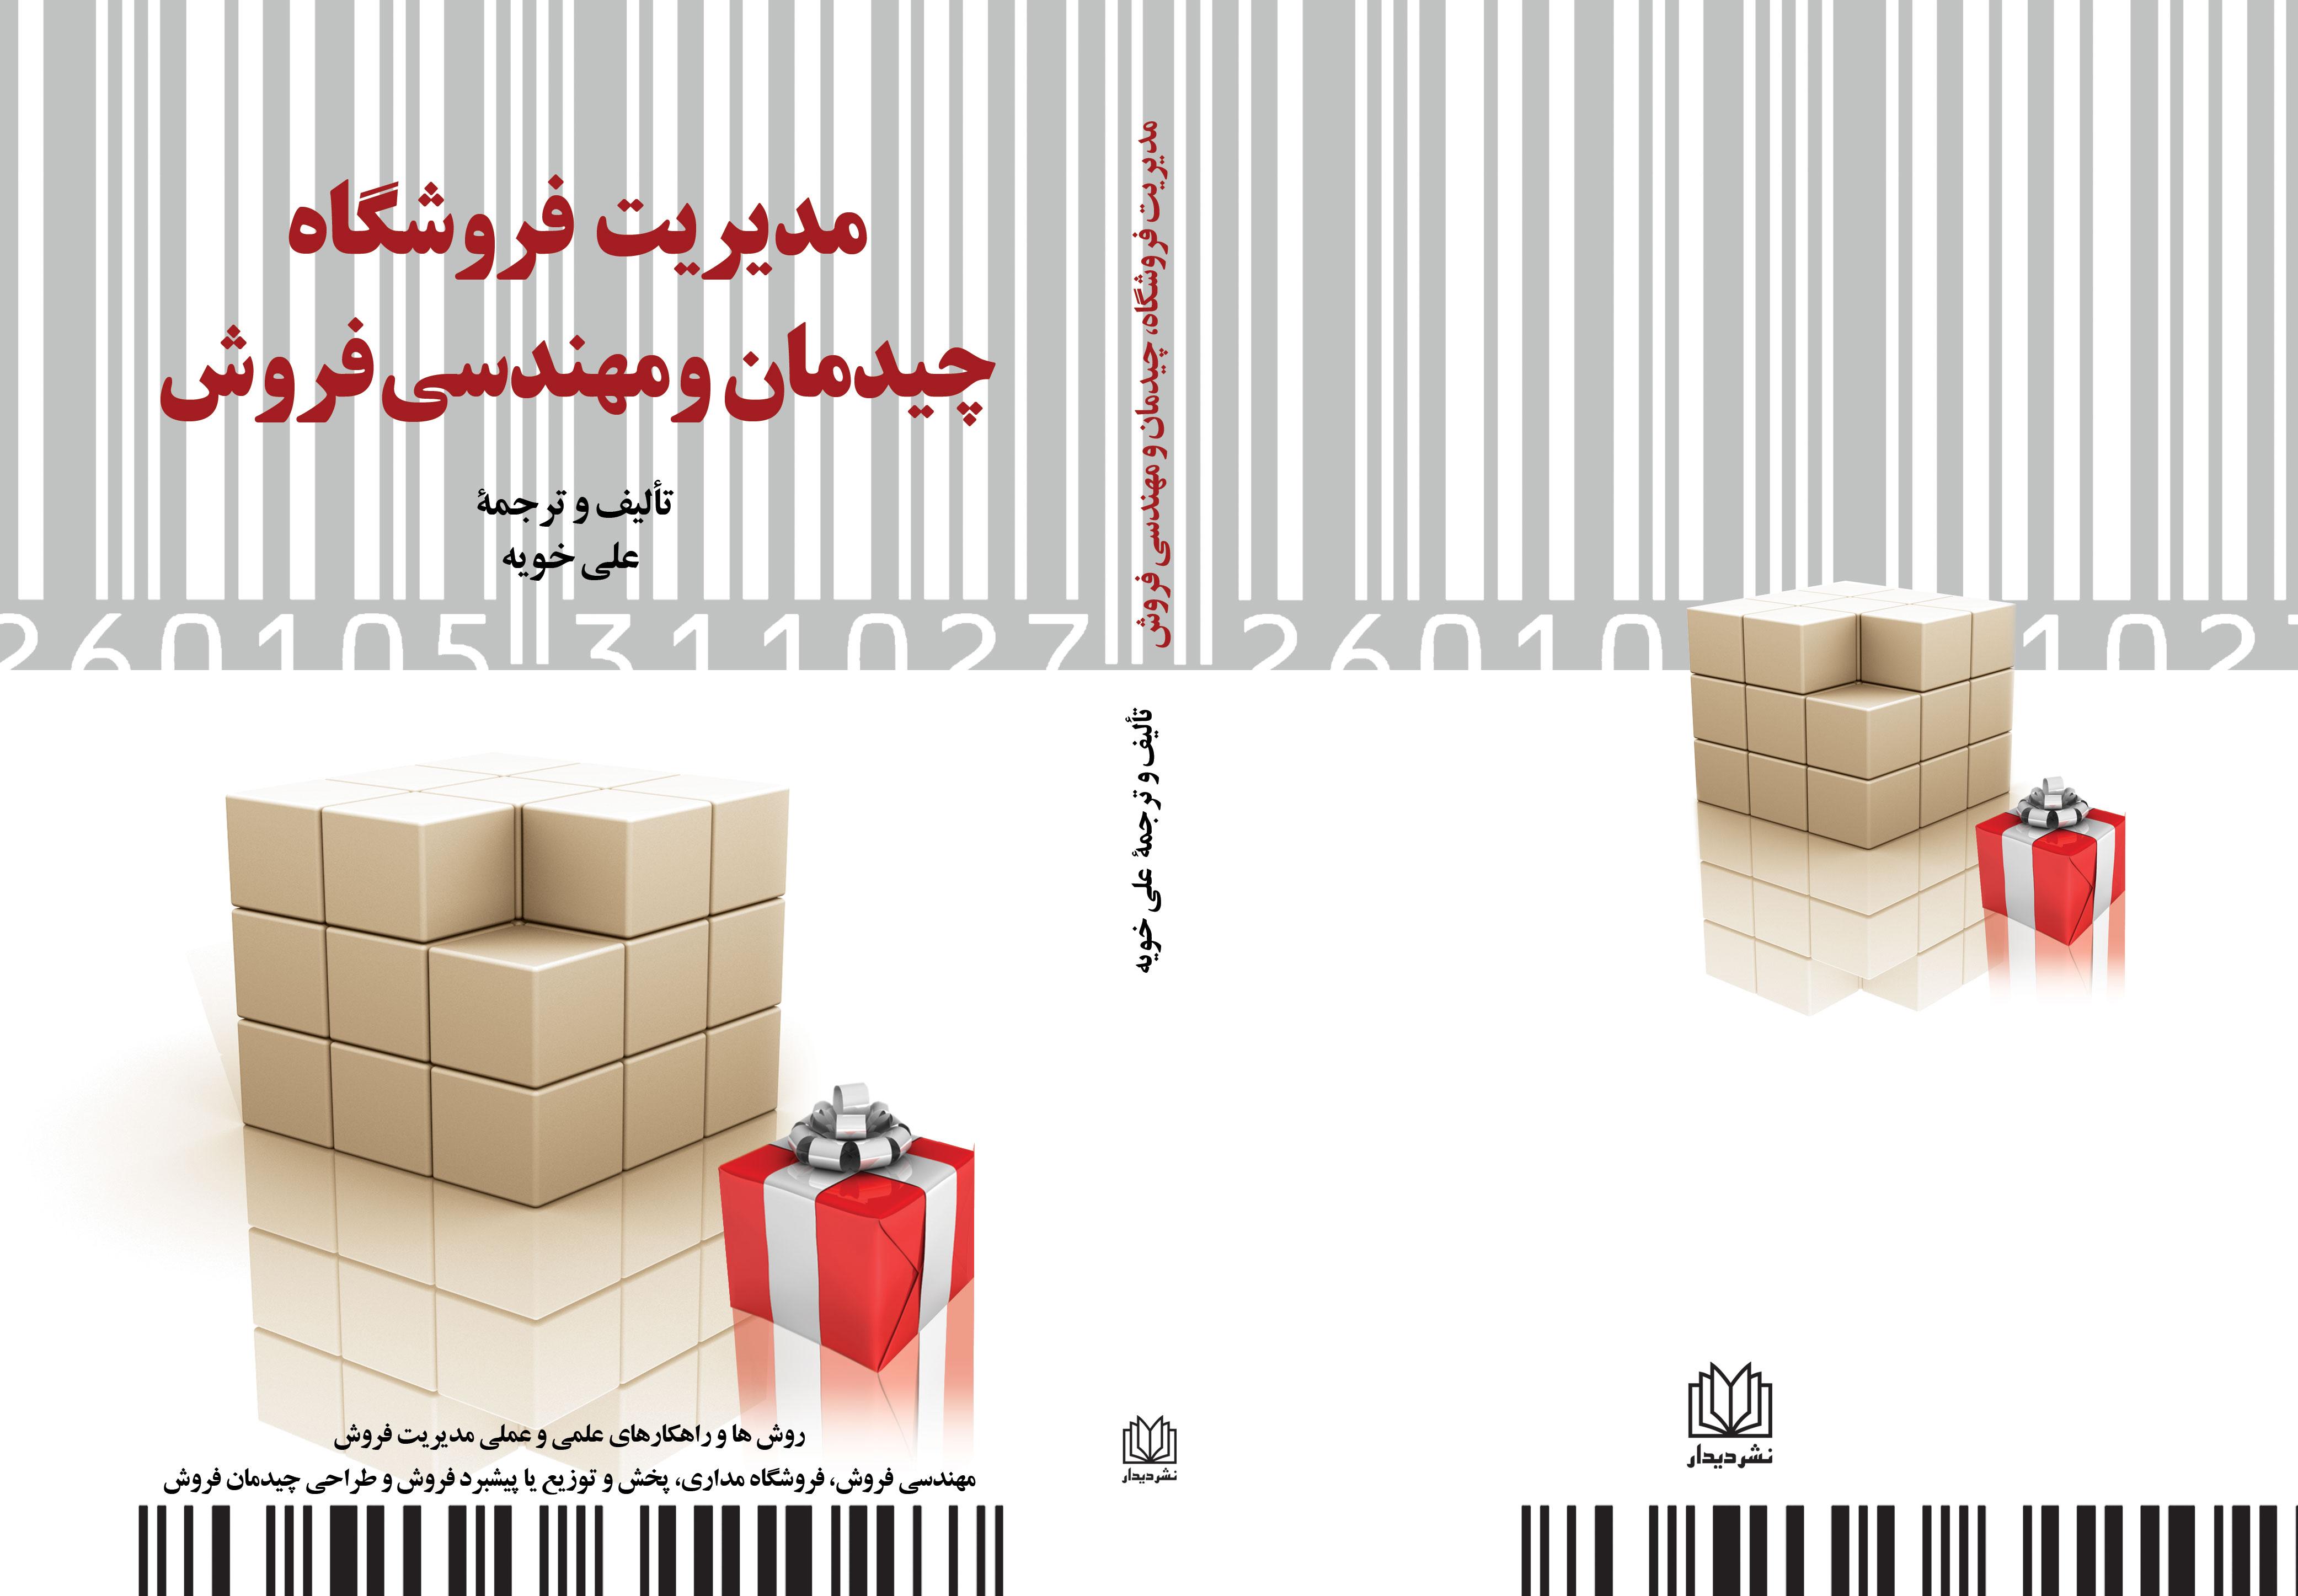 کتاب مدیریت فروشگاه چیدمان فروش مهندسی فروش علی خویه